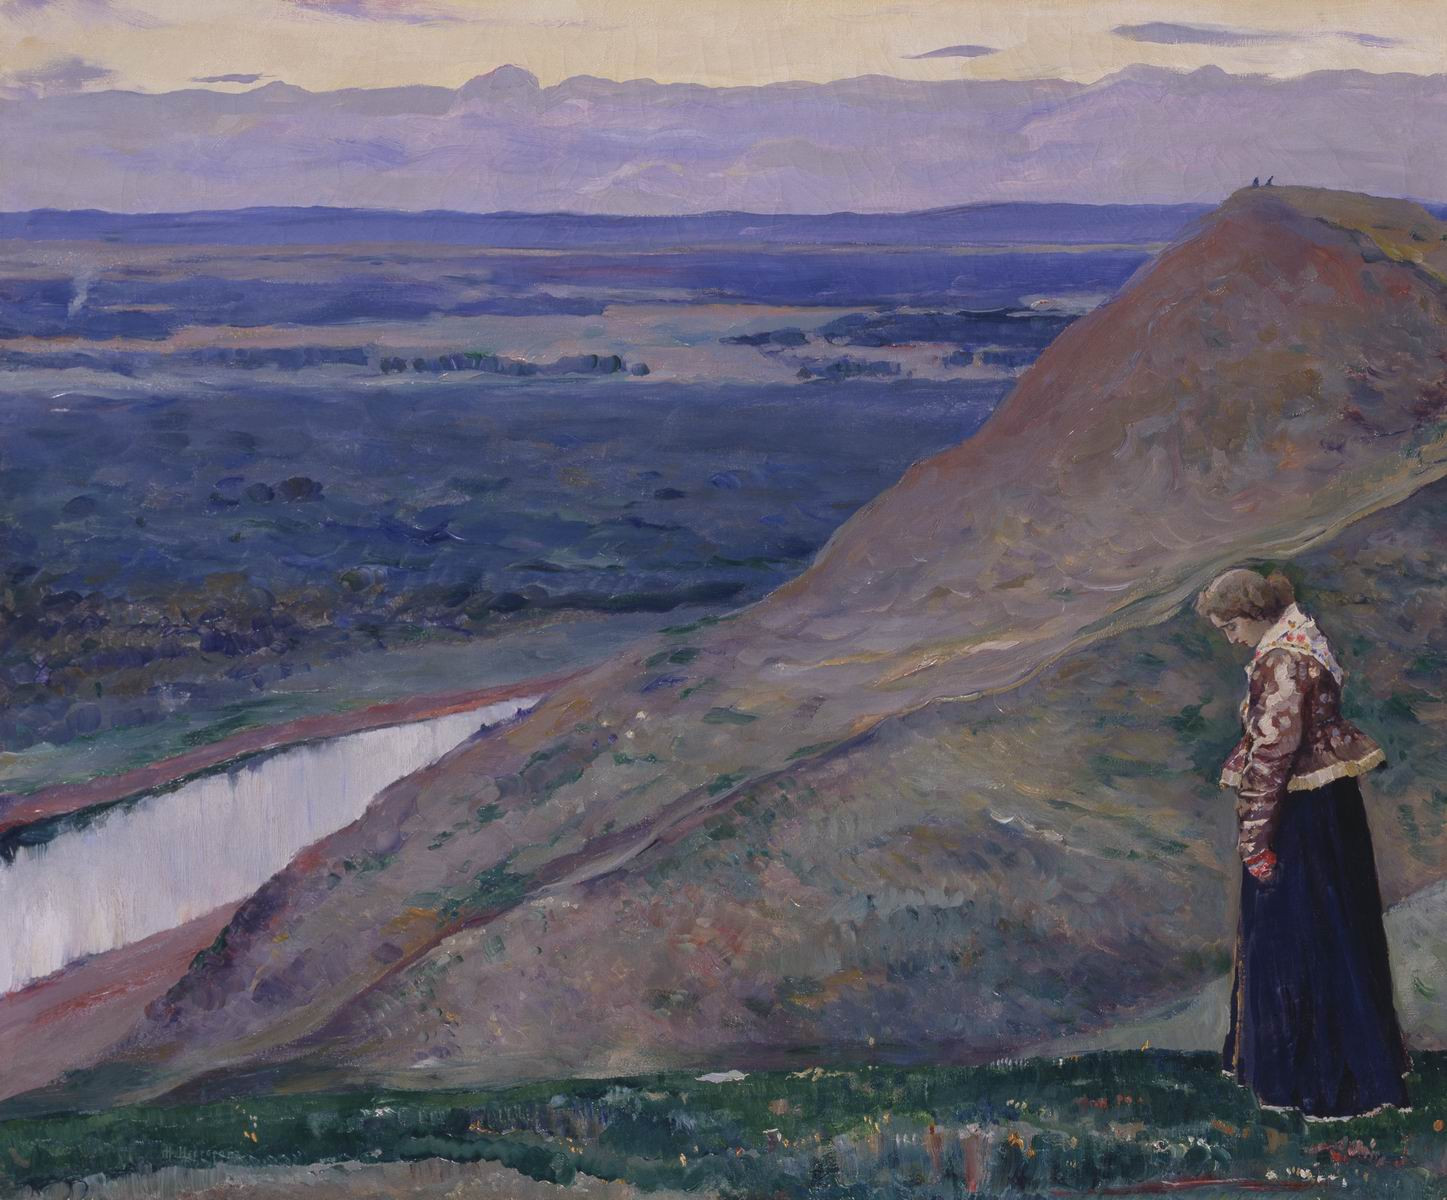 Aksakov's Homeland, 1906